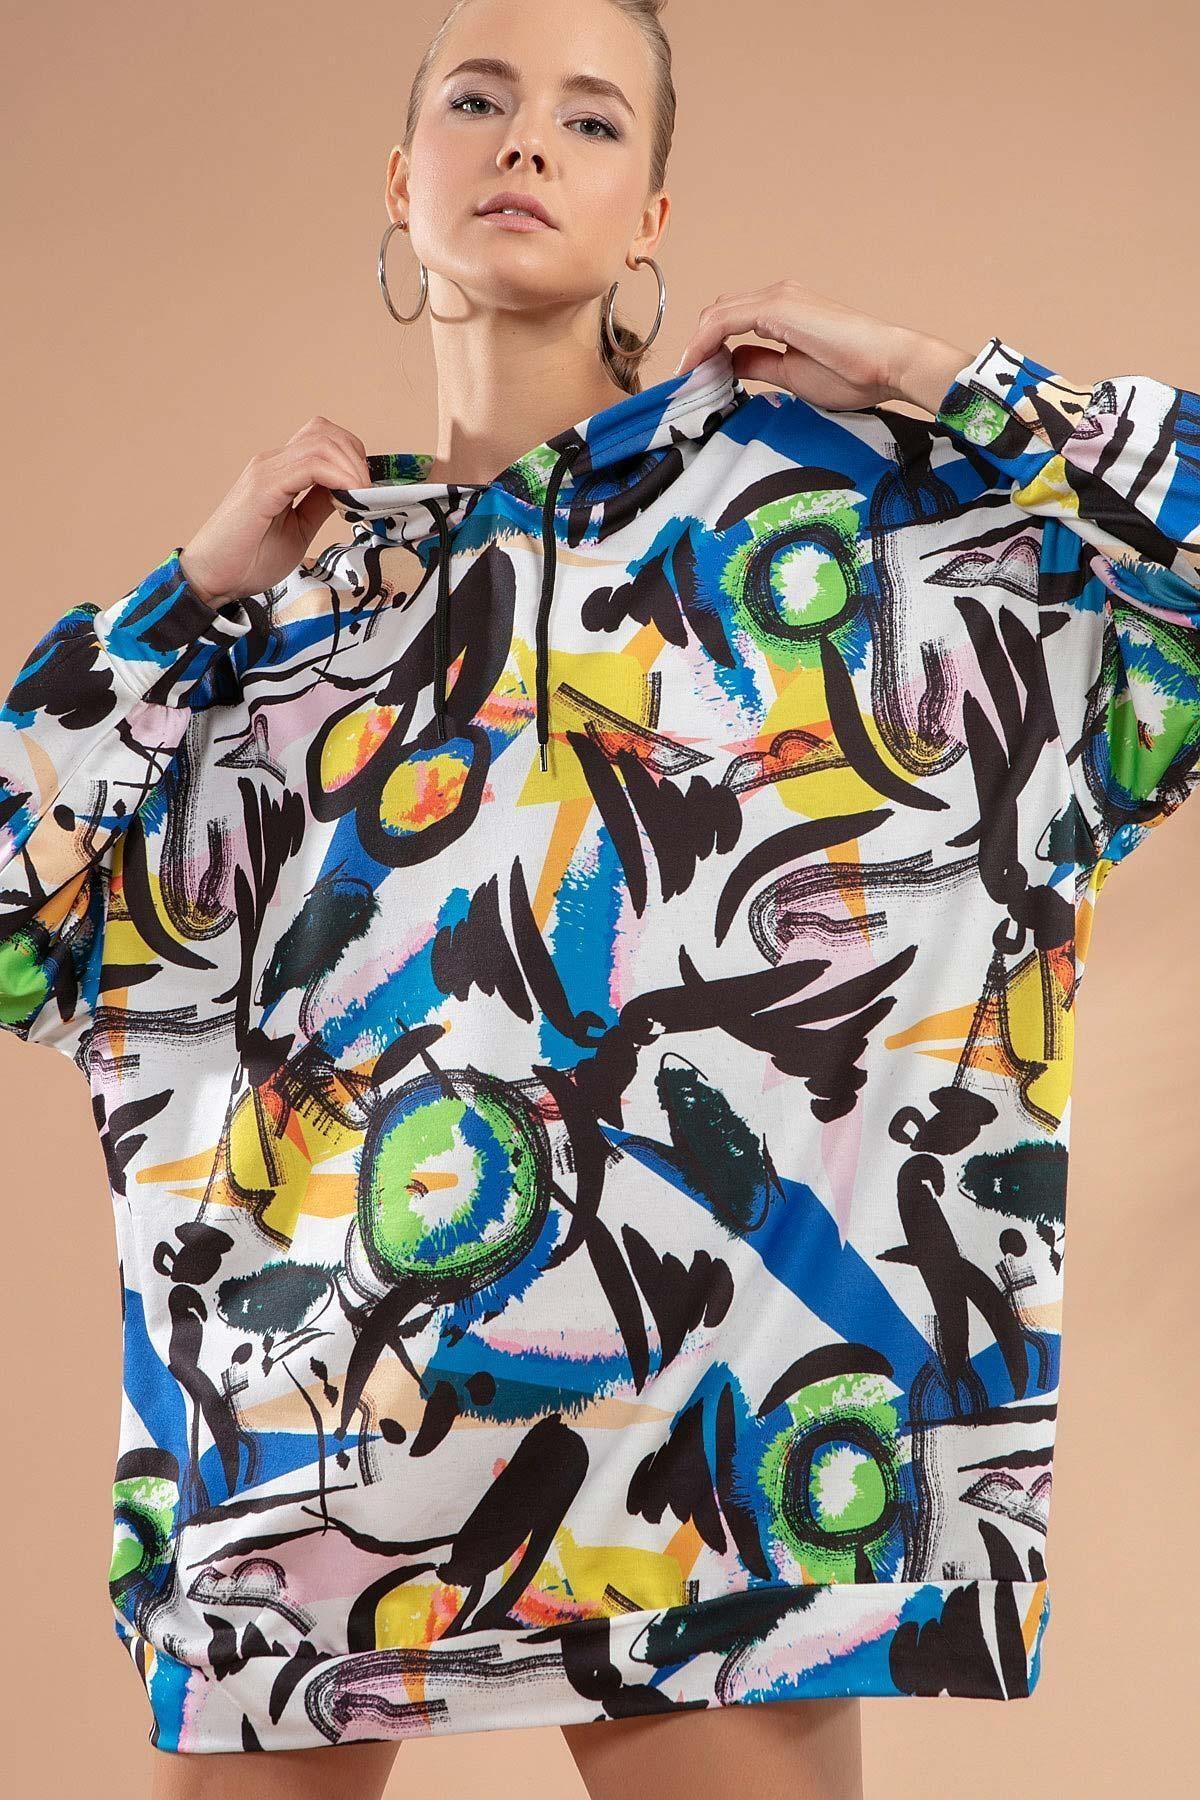 Y-London Kadın Beyaz Siyah Baskılı Kapşonlu Örme Sweatshirt Elbise Y20W110-4125-14